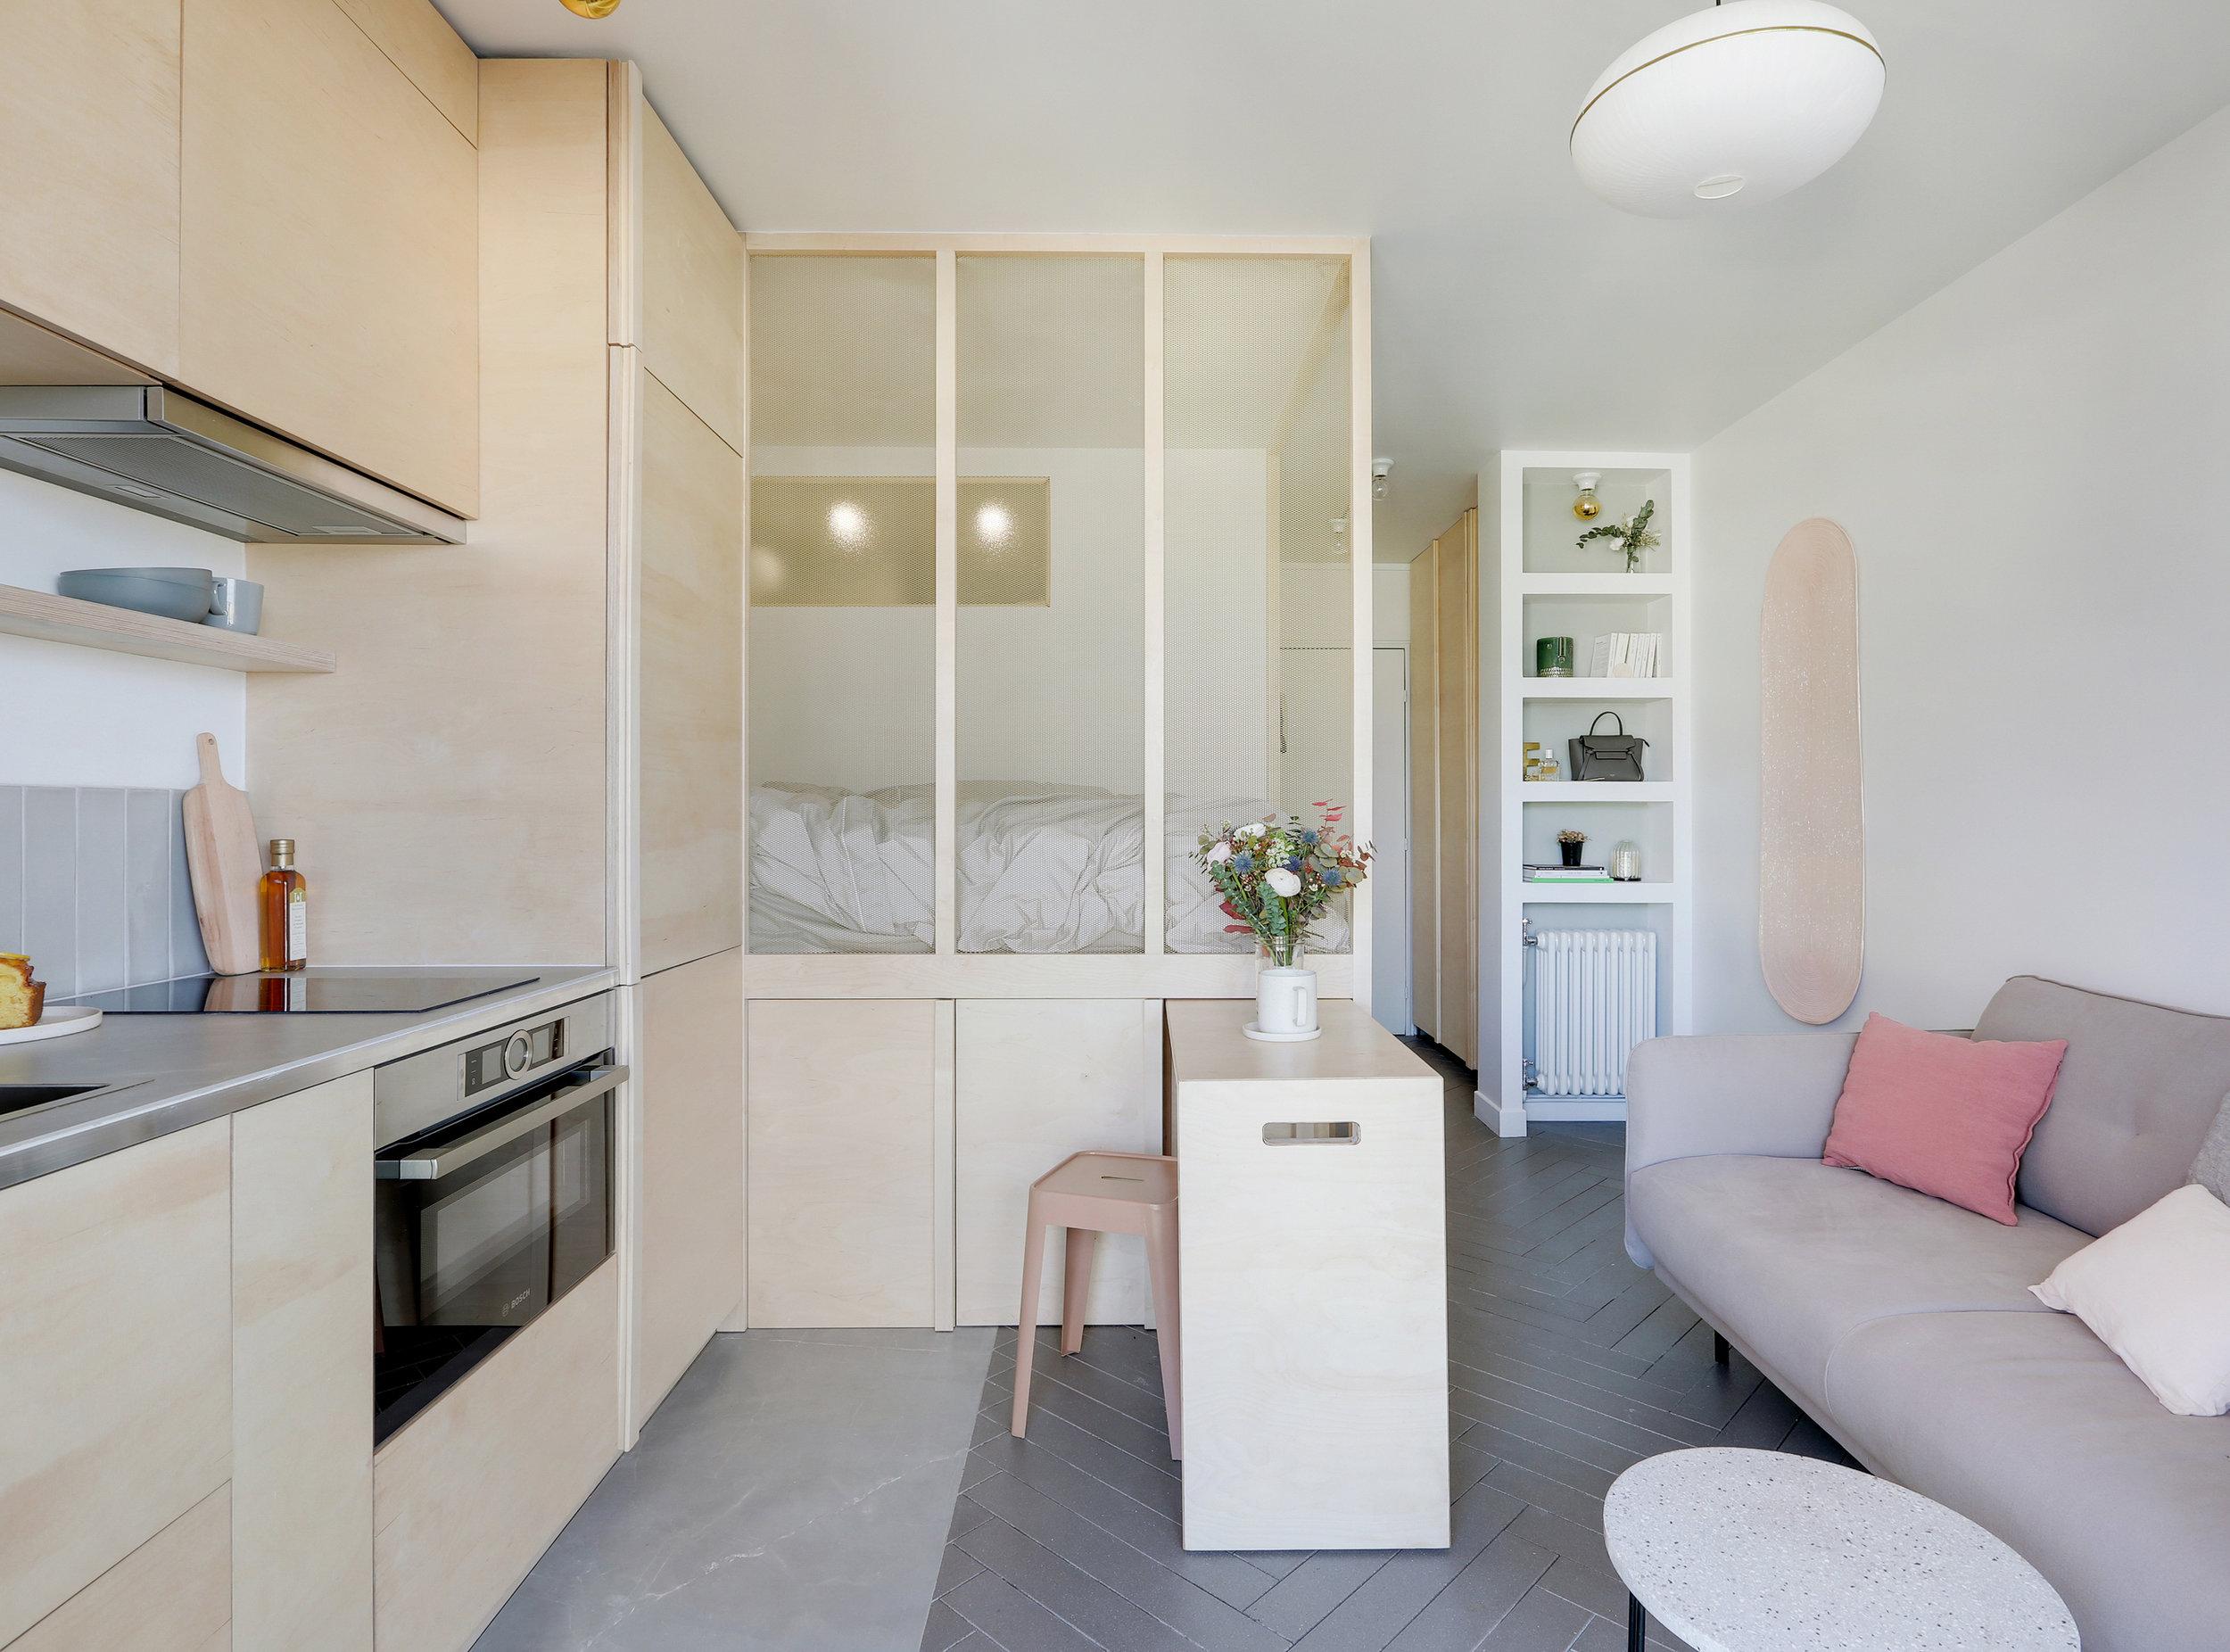 PARTICULIER  I Studio BeauFaire  Agencement sur-mesure d'un studio de 18 m2 à Paris